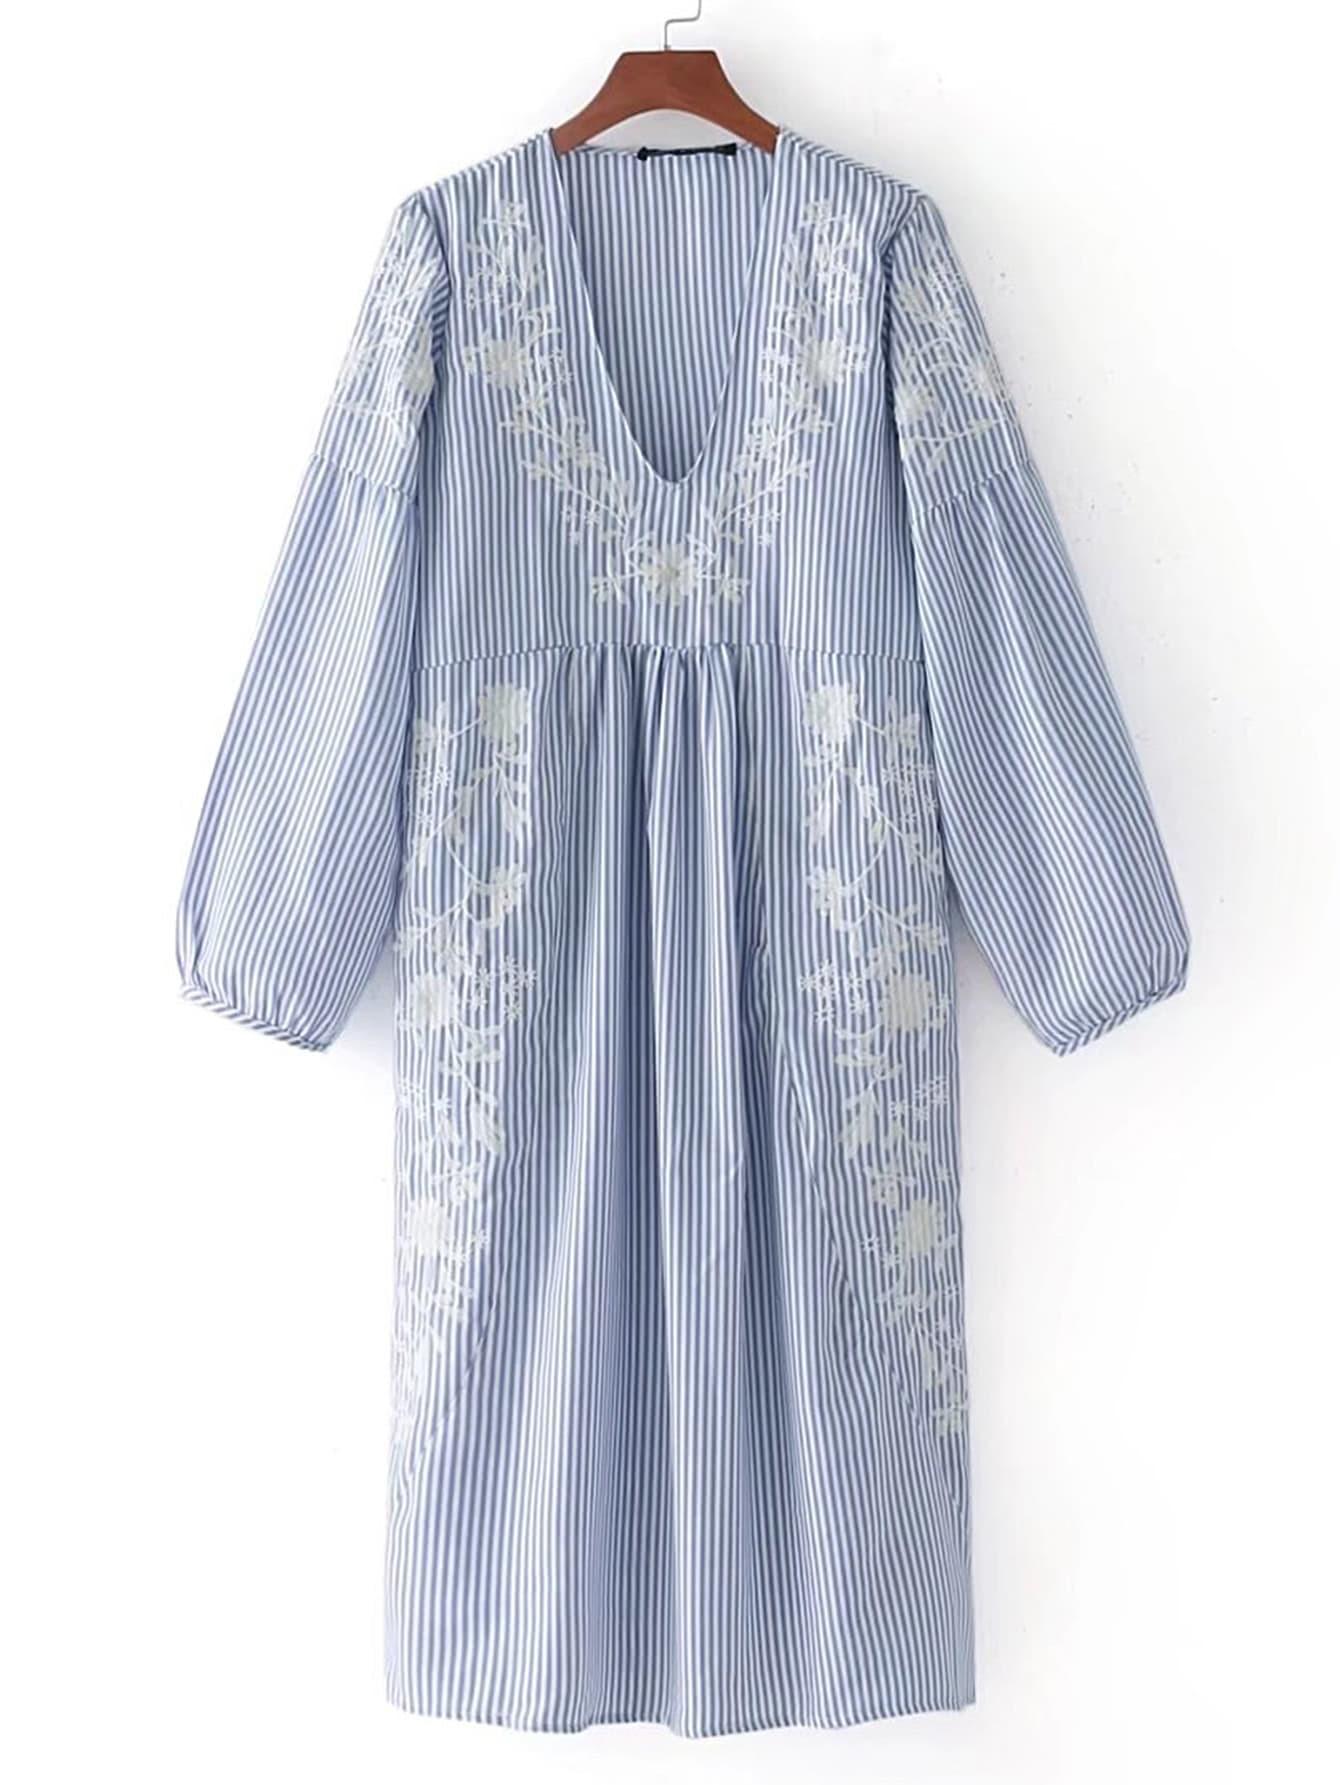 Flower Embroidery Drop Shoulder Seam Dress dress170801201